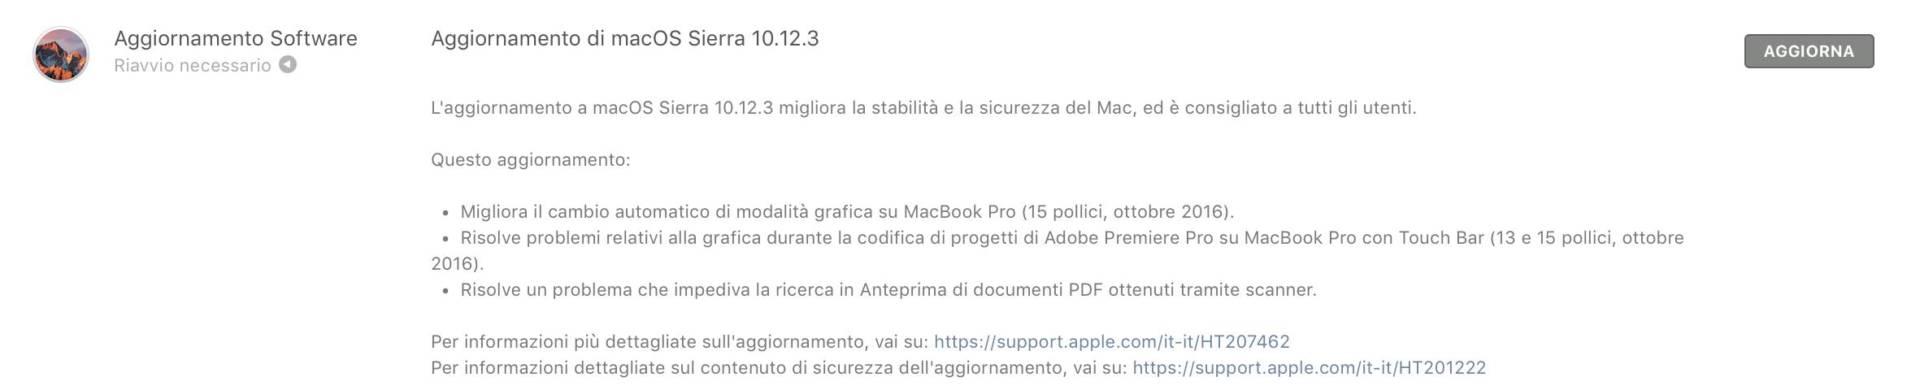 schermata 2017 01 23 alle 19.14.13 Rilasciato aggiornamento a macOS Sierra 10.12.3